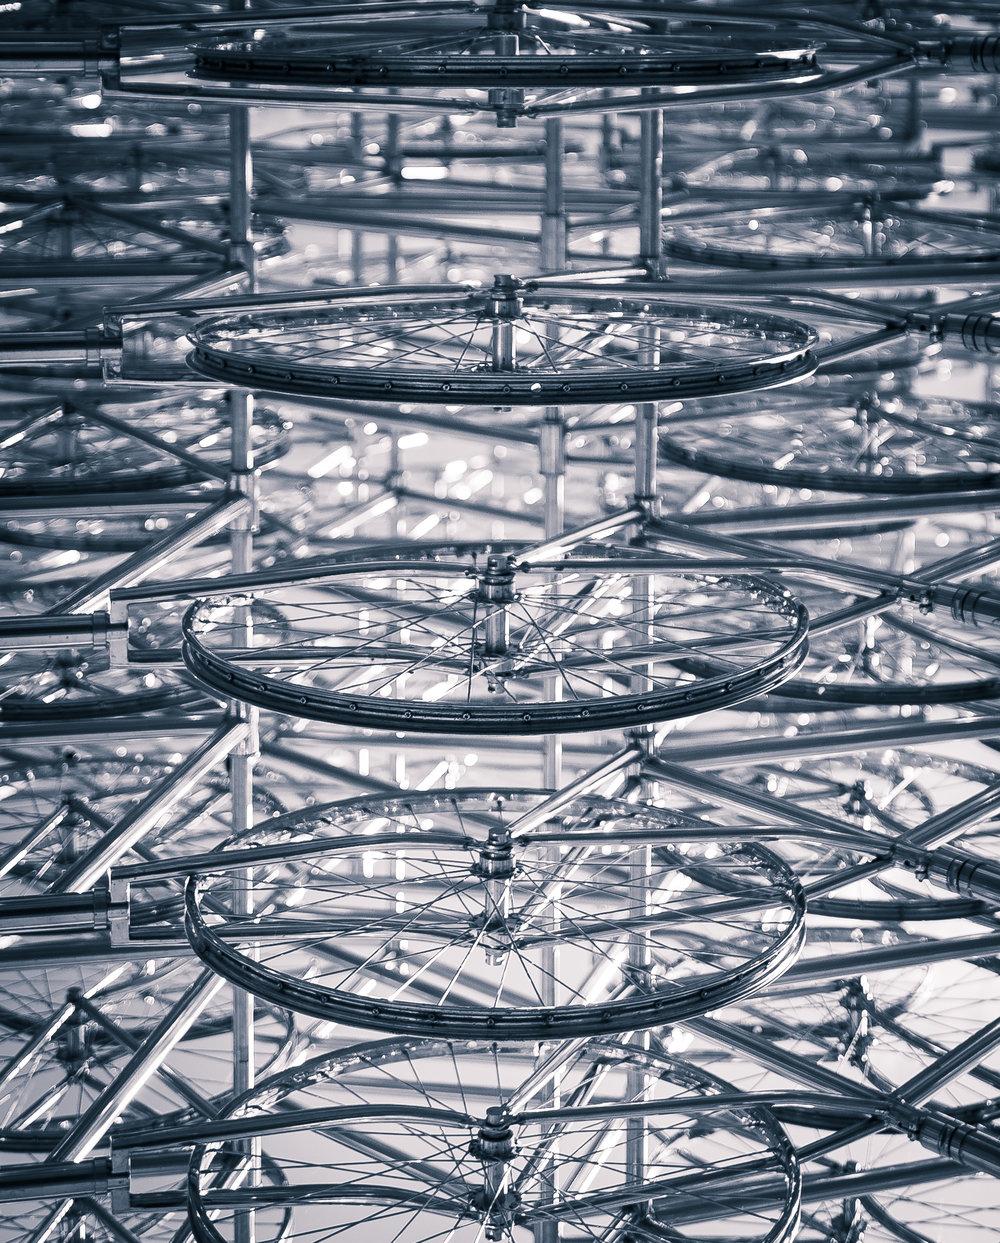 bicycles2 (1 of 1).jpg